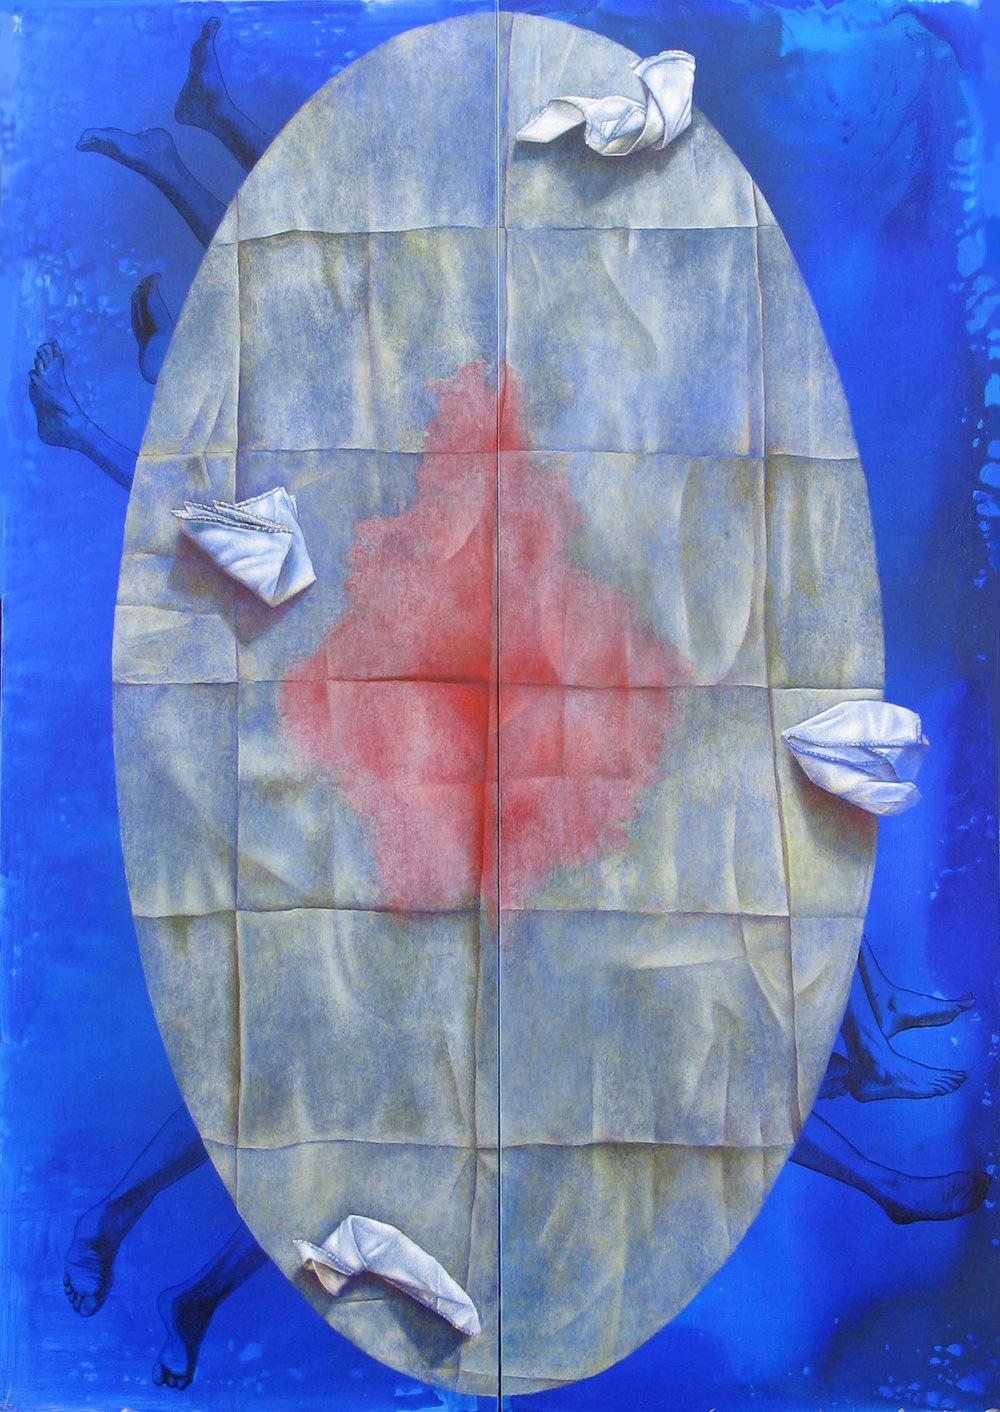 CANA (QANA) 2007